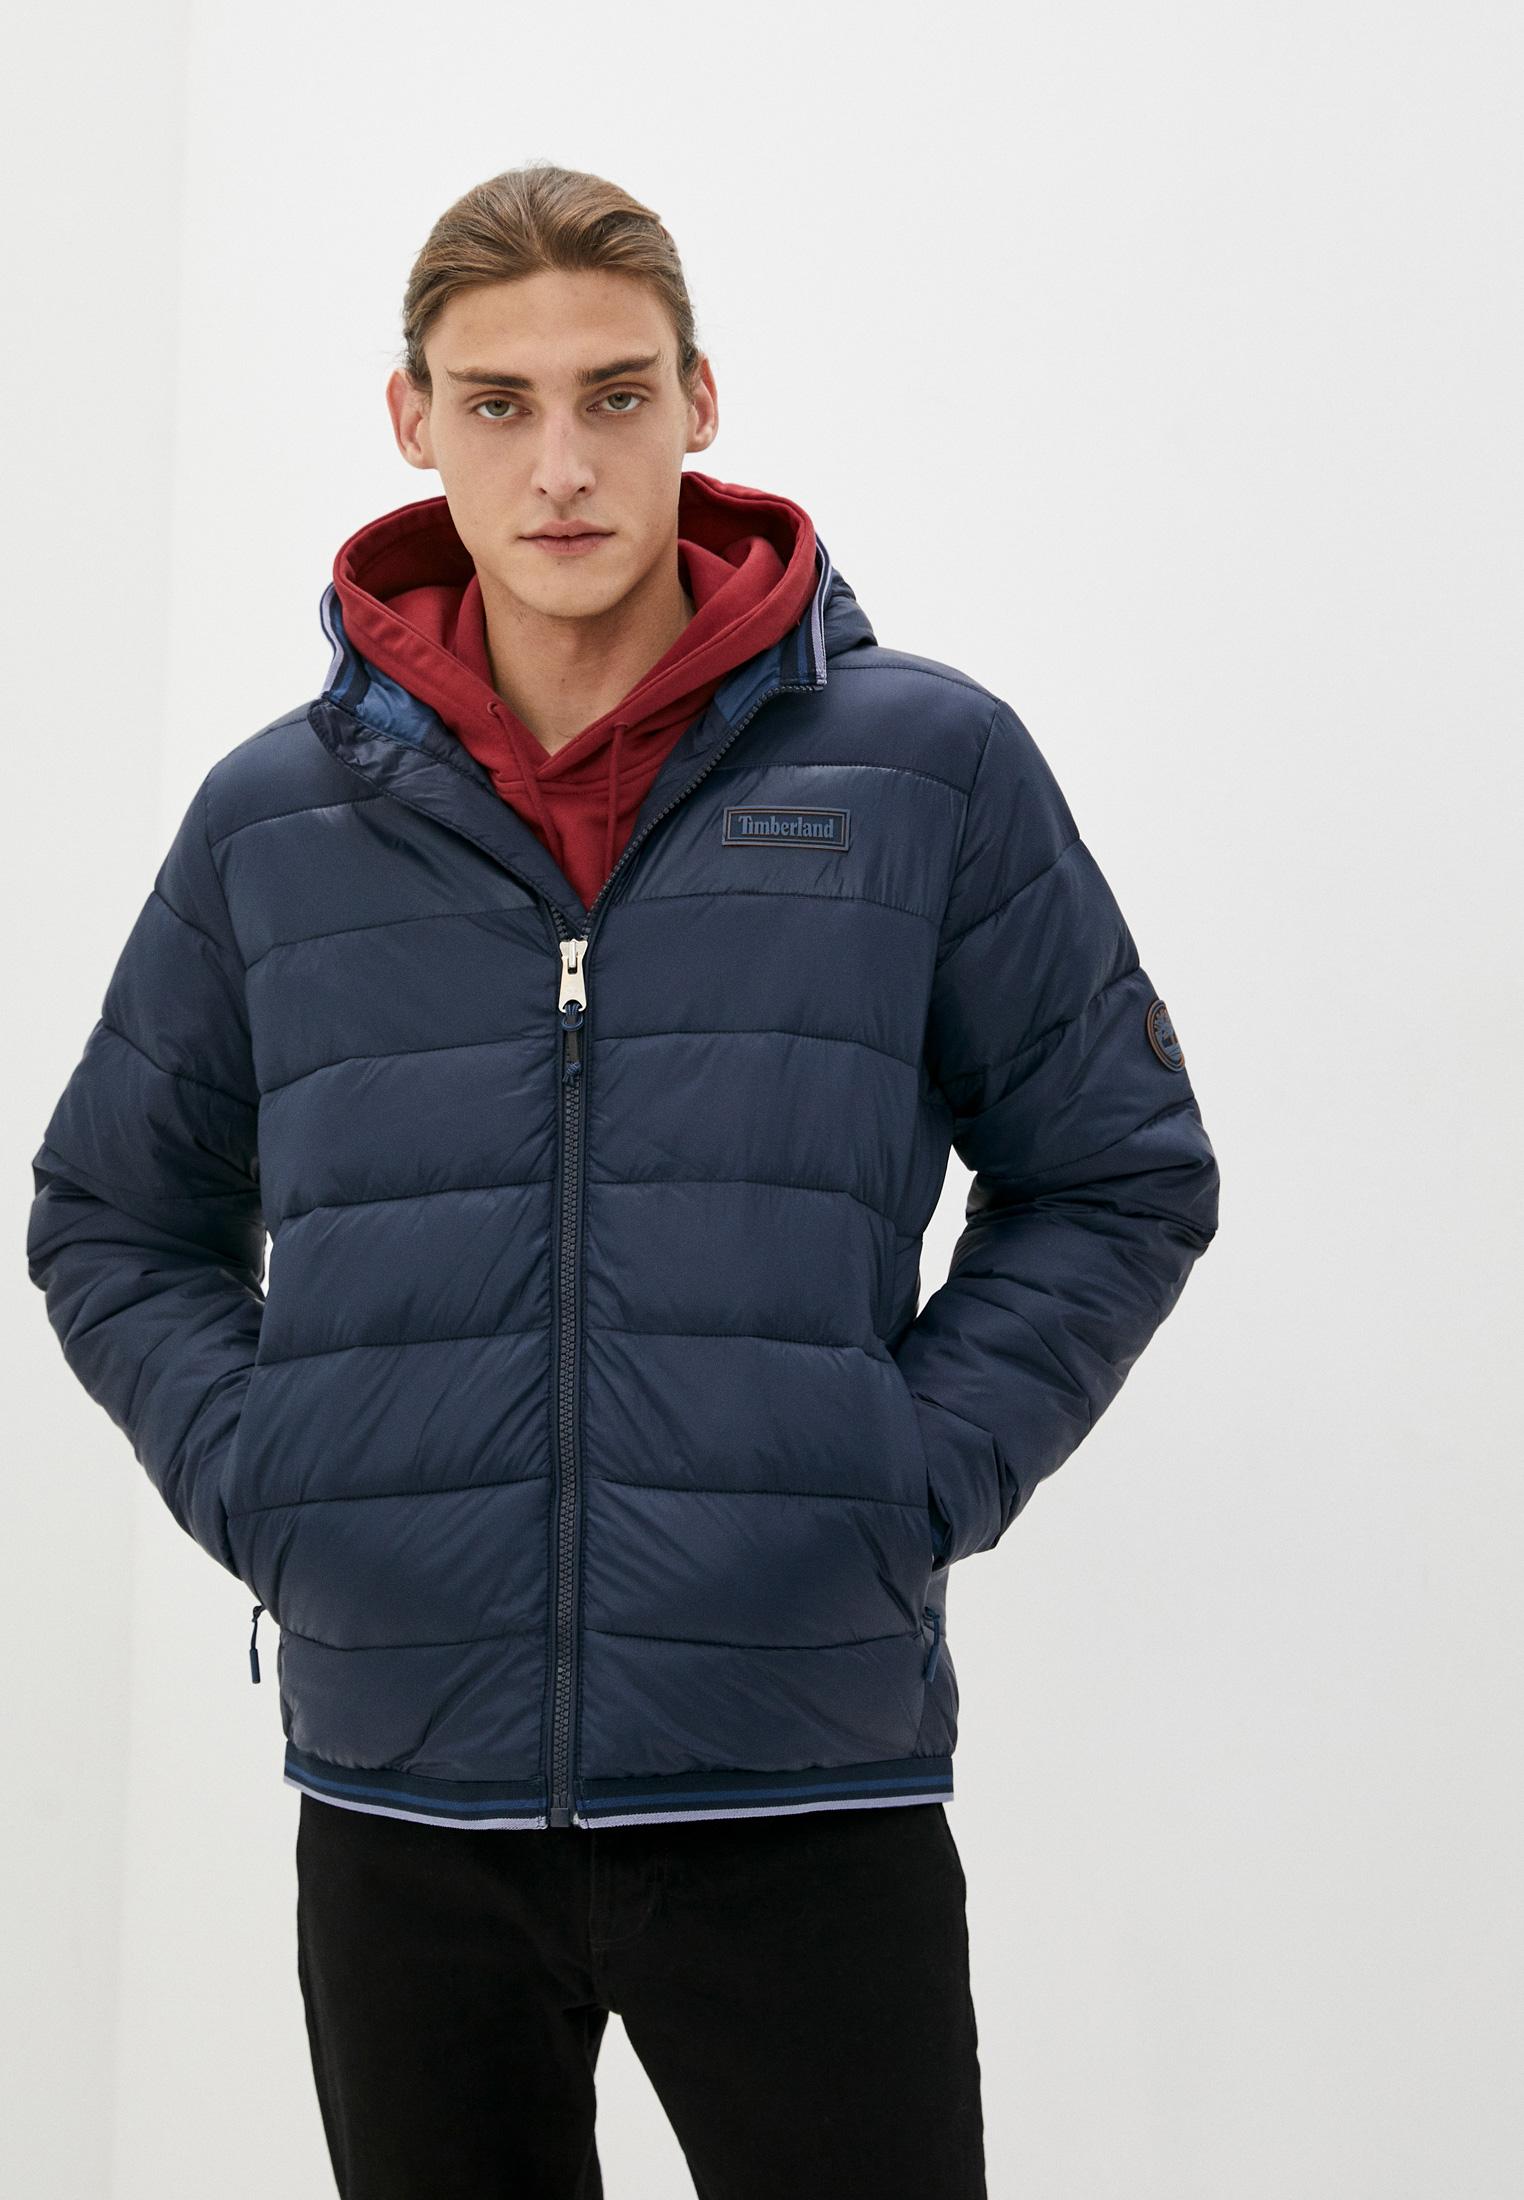 Утепленная куртка Timberland (Тимберленд) Куртка утепленная Timberland